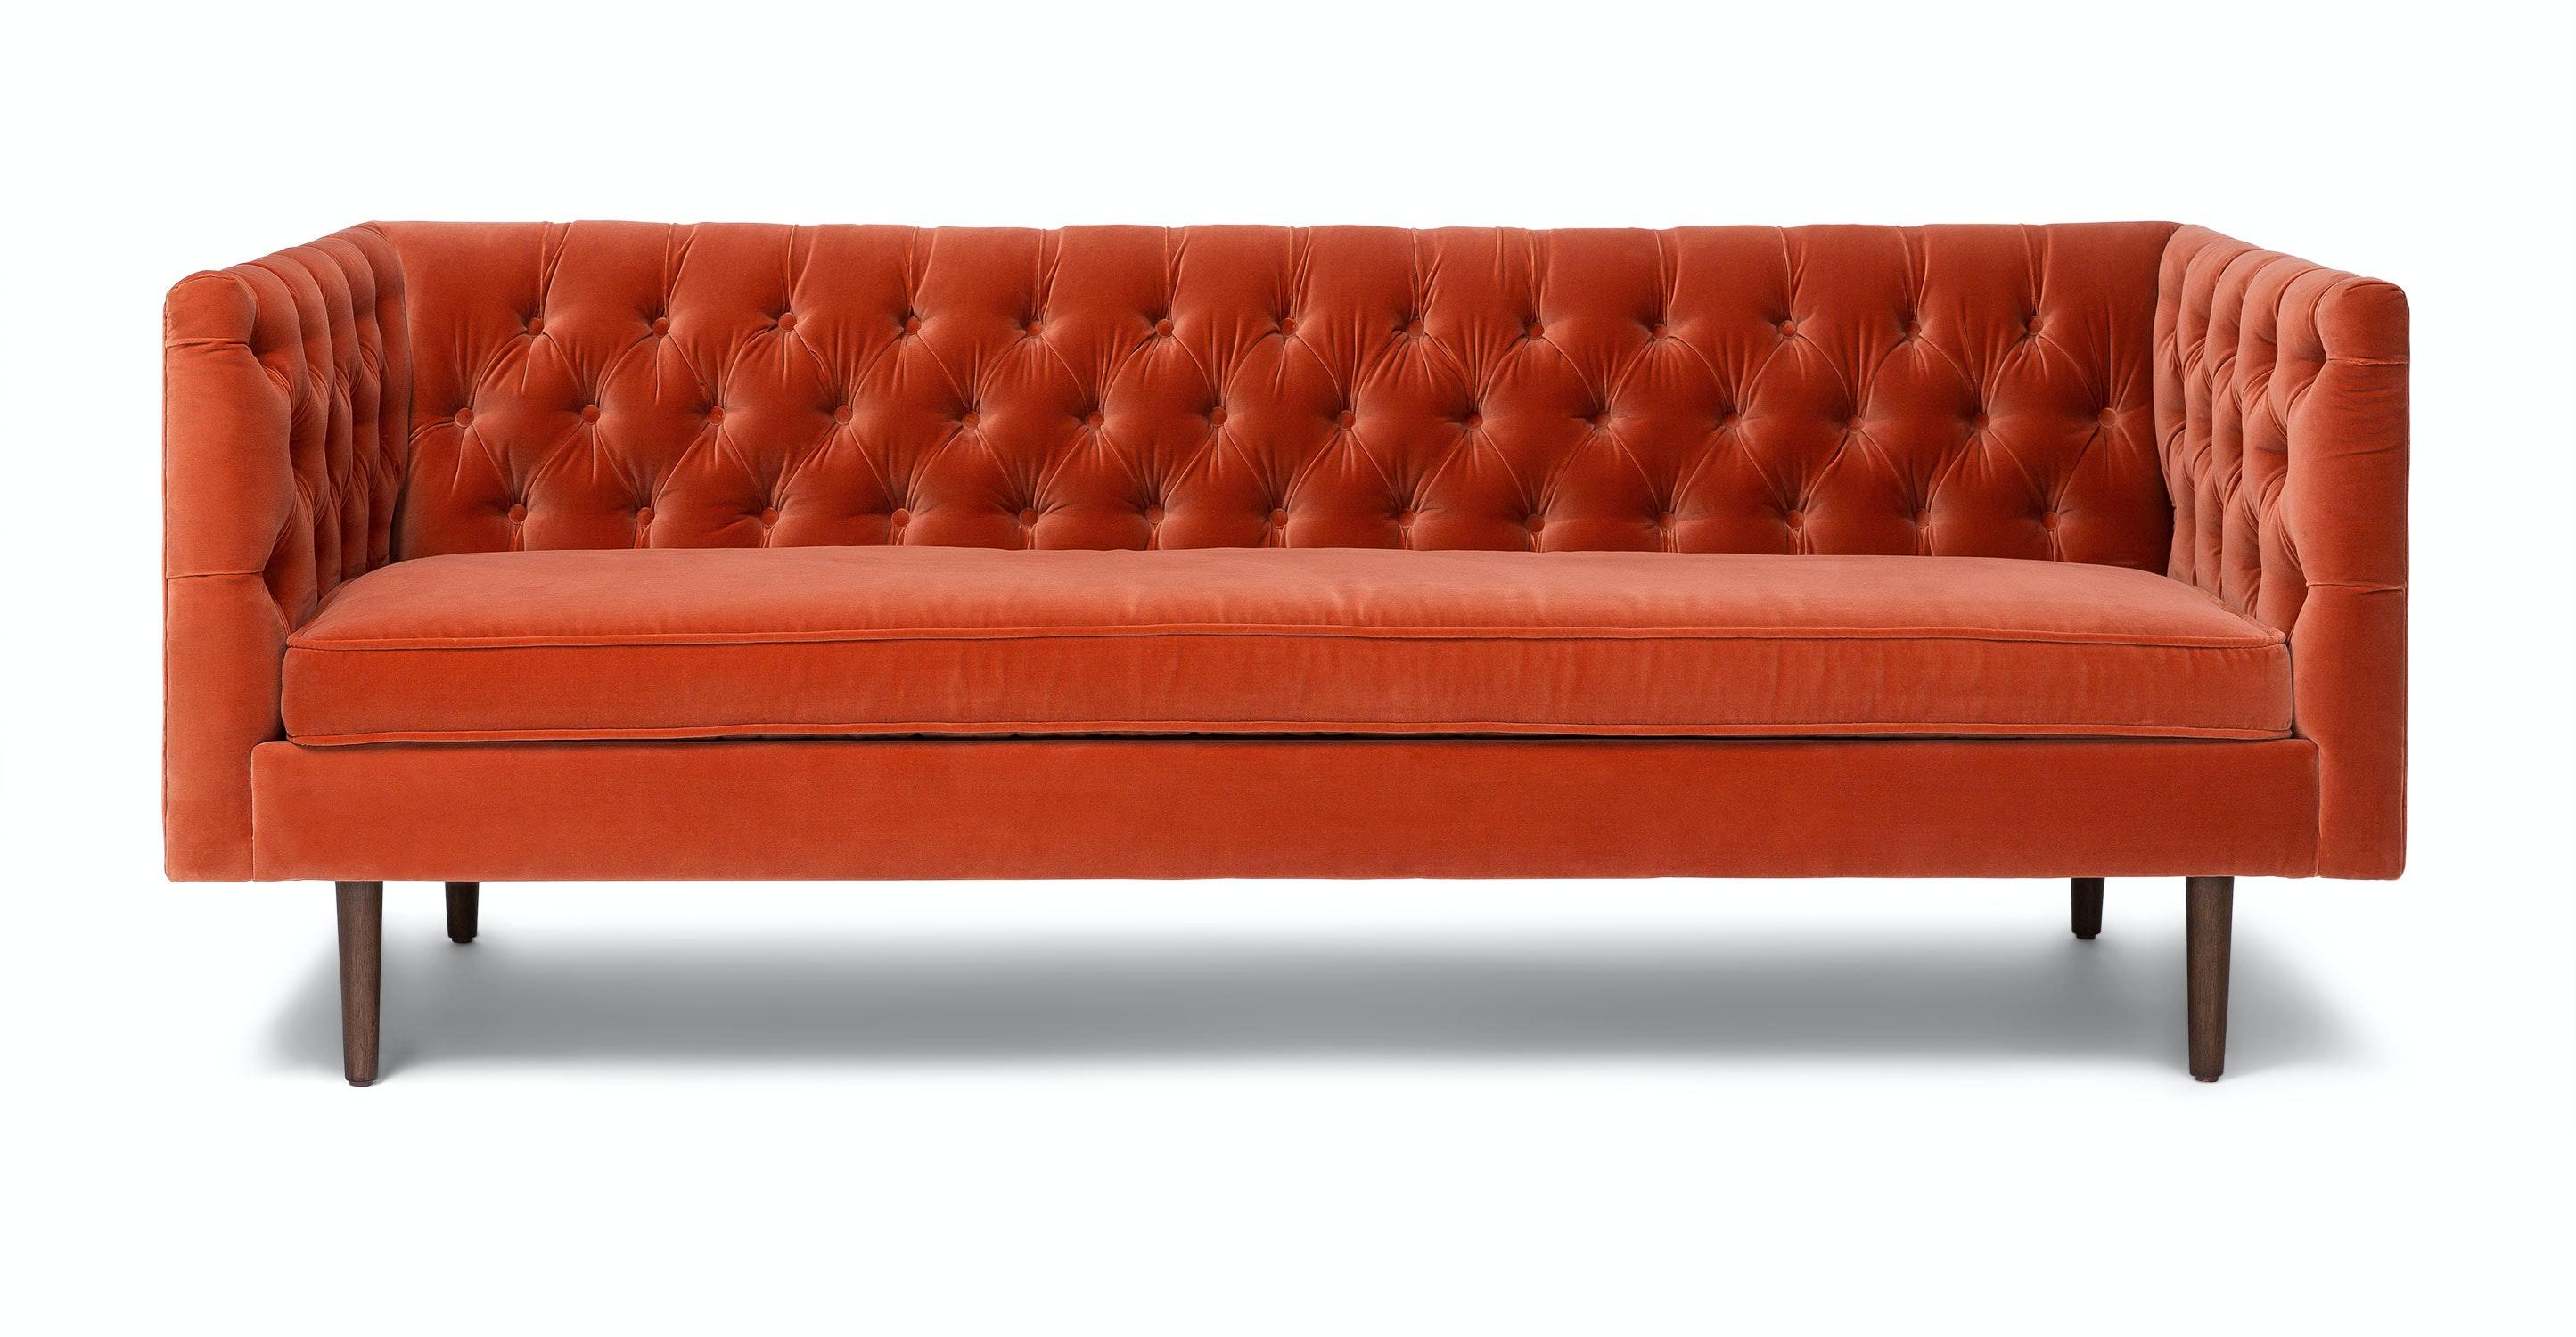 Attrayant Chester Persimmon Orange Sofa